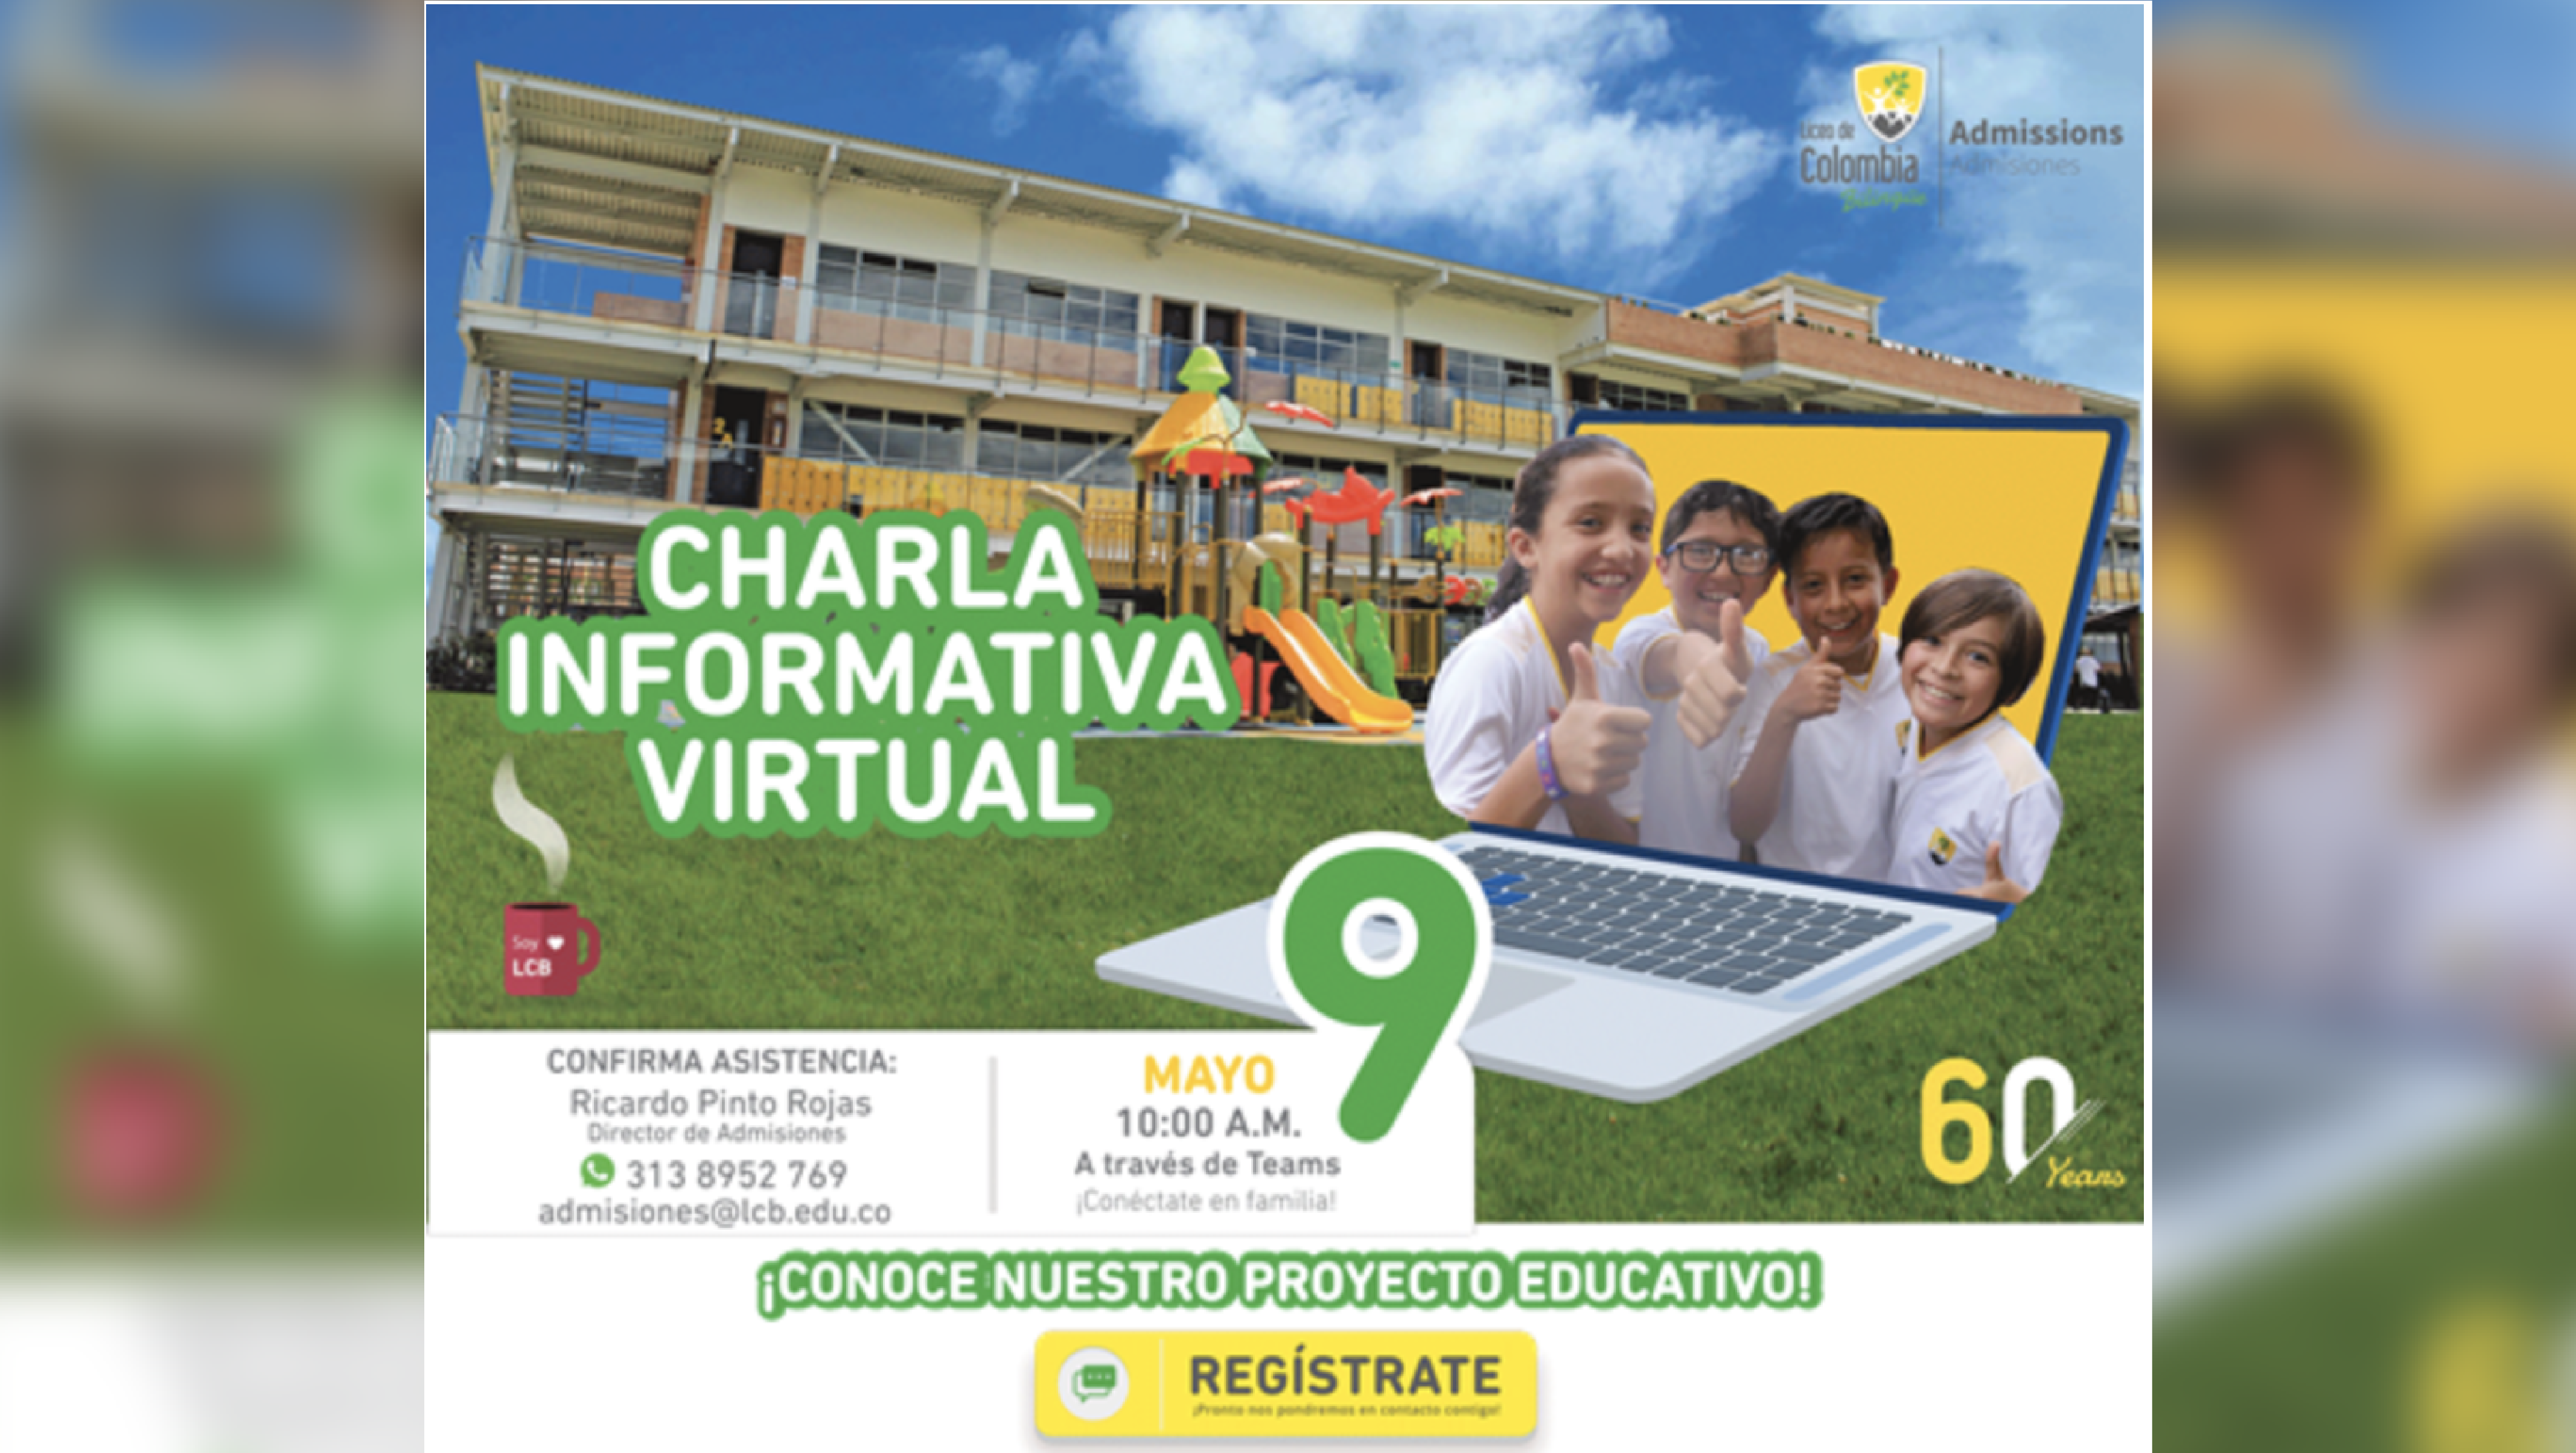 Liceo-de-colombia-charla-virtual-colegio-bogota-01